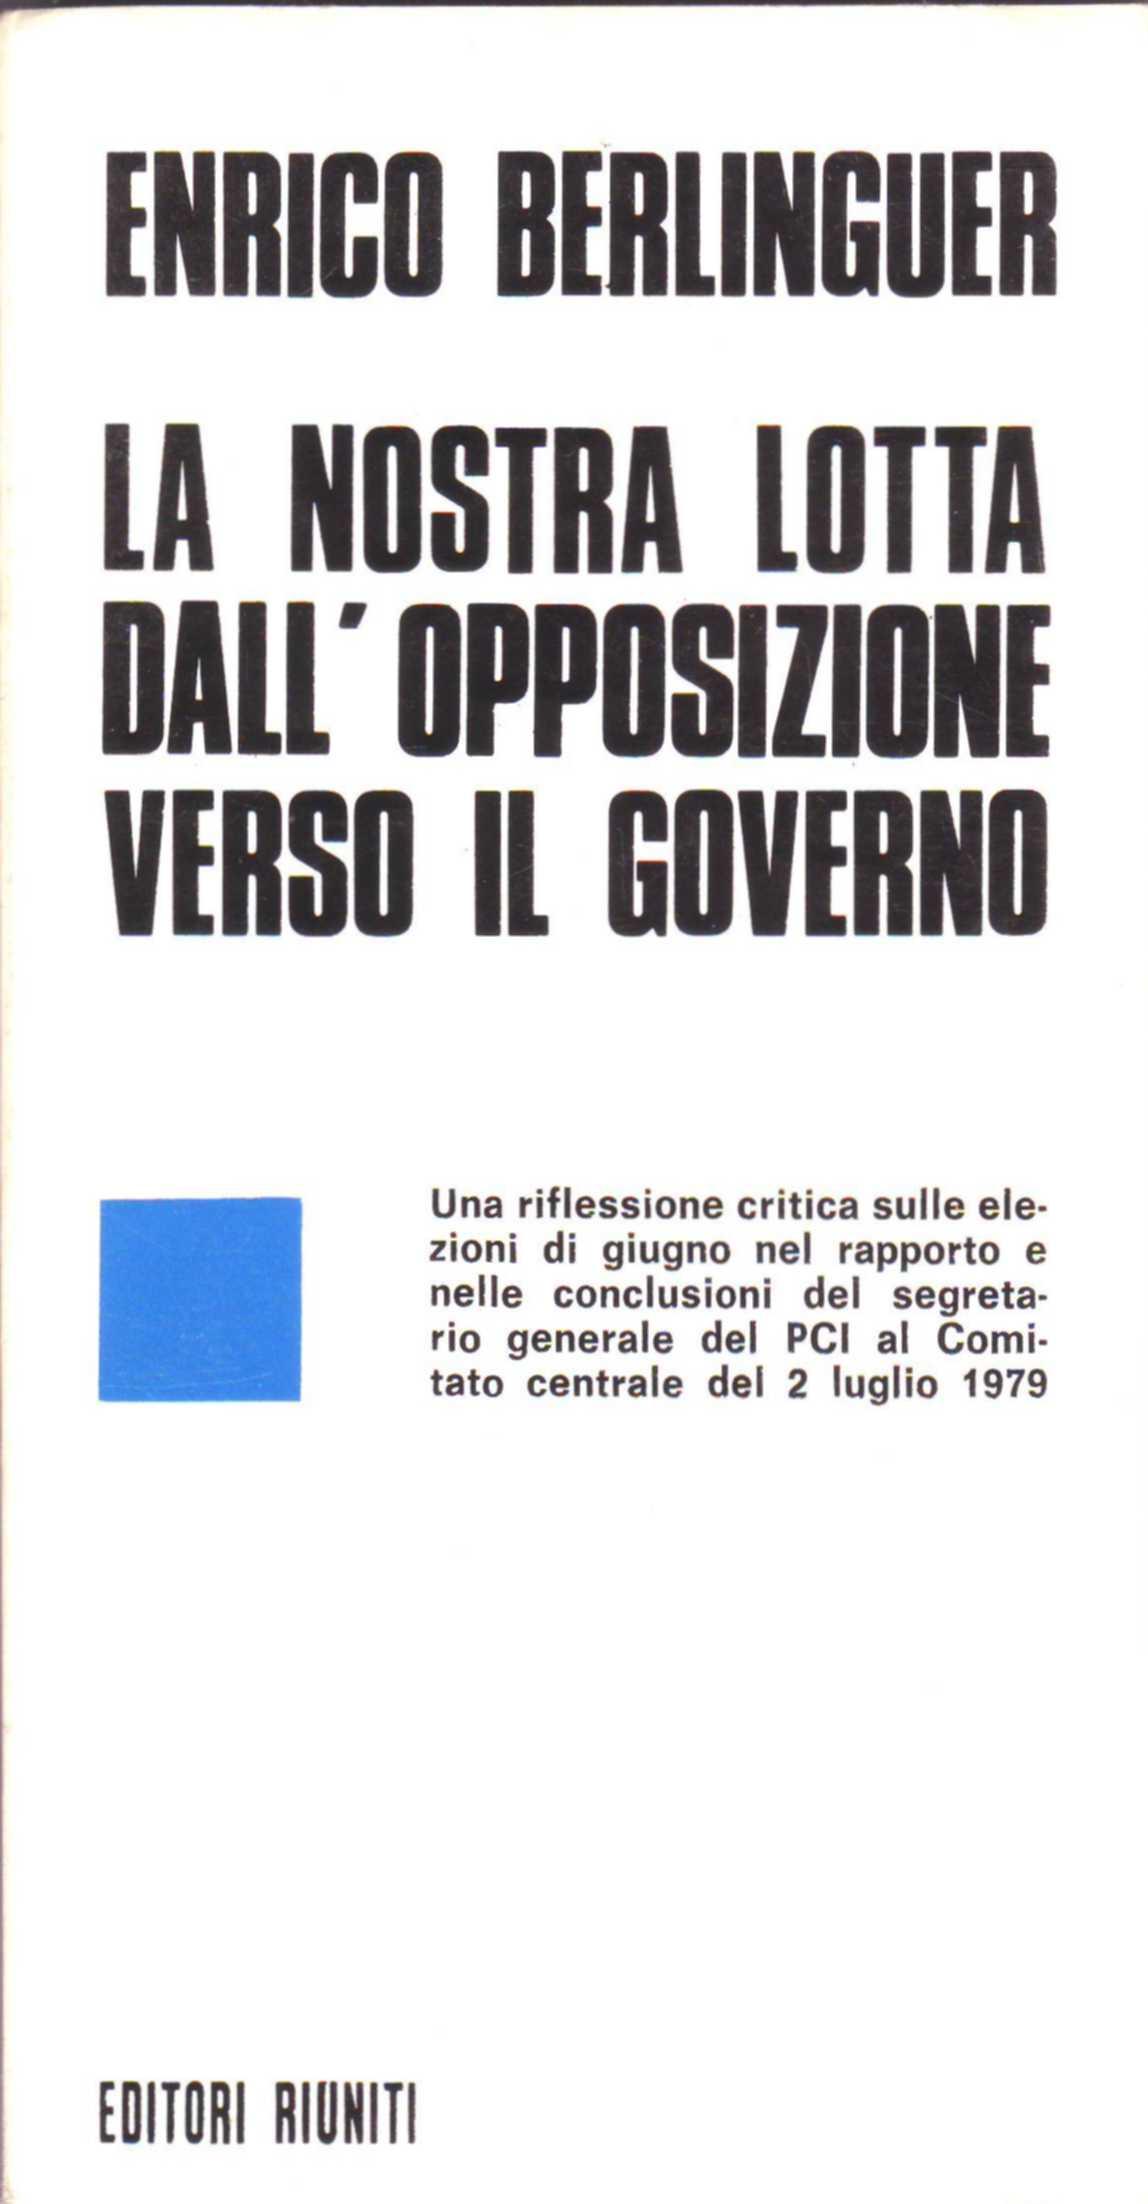 La nostra lotta dall'opposizione verso il governo